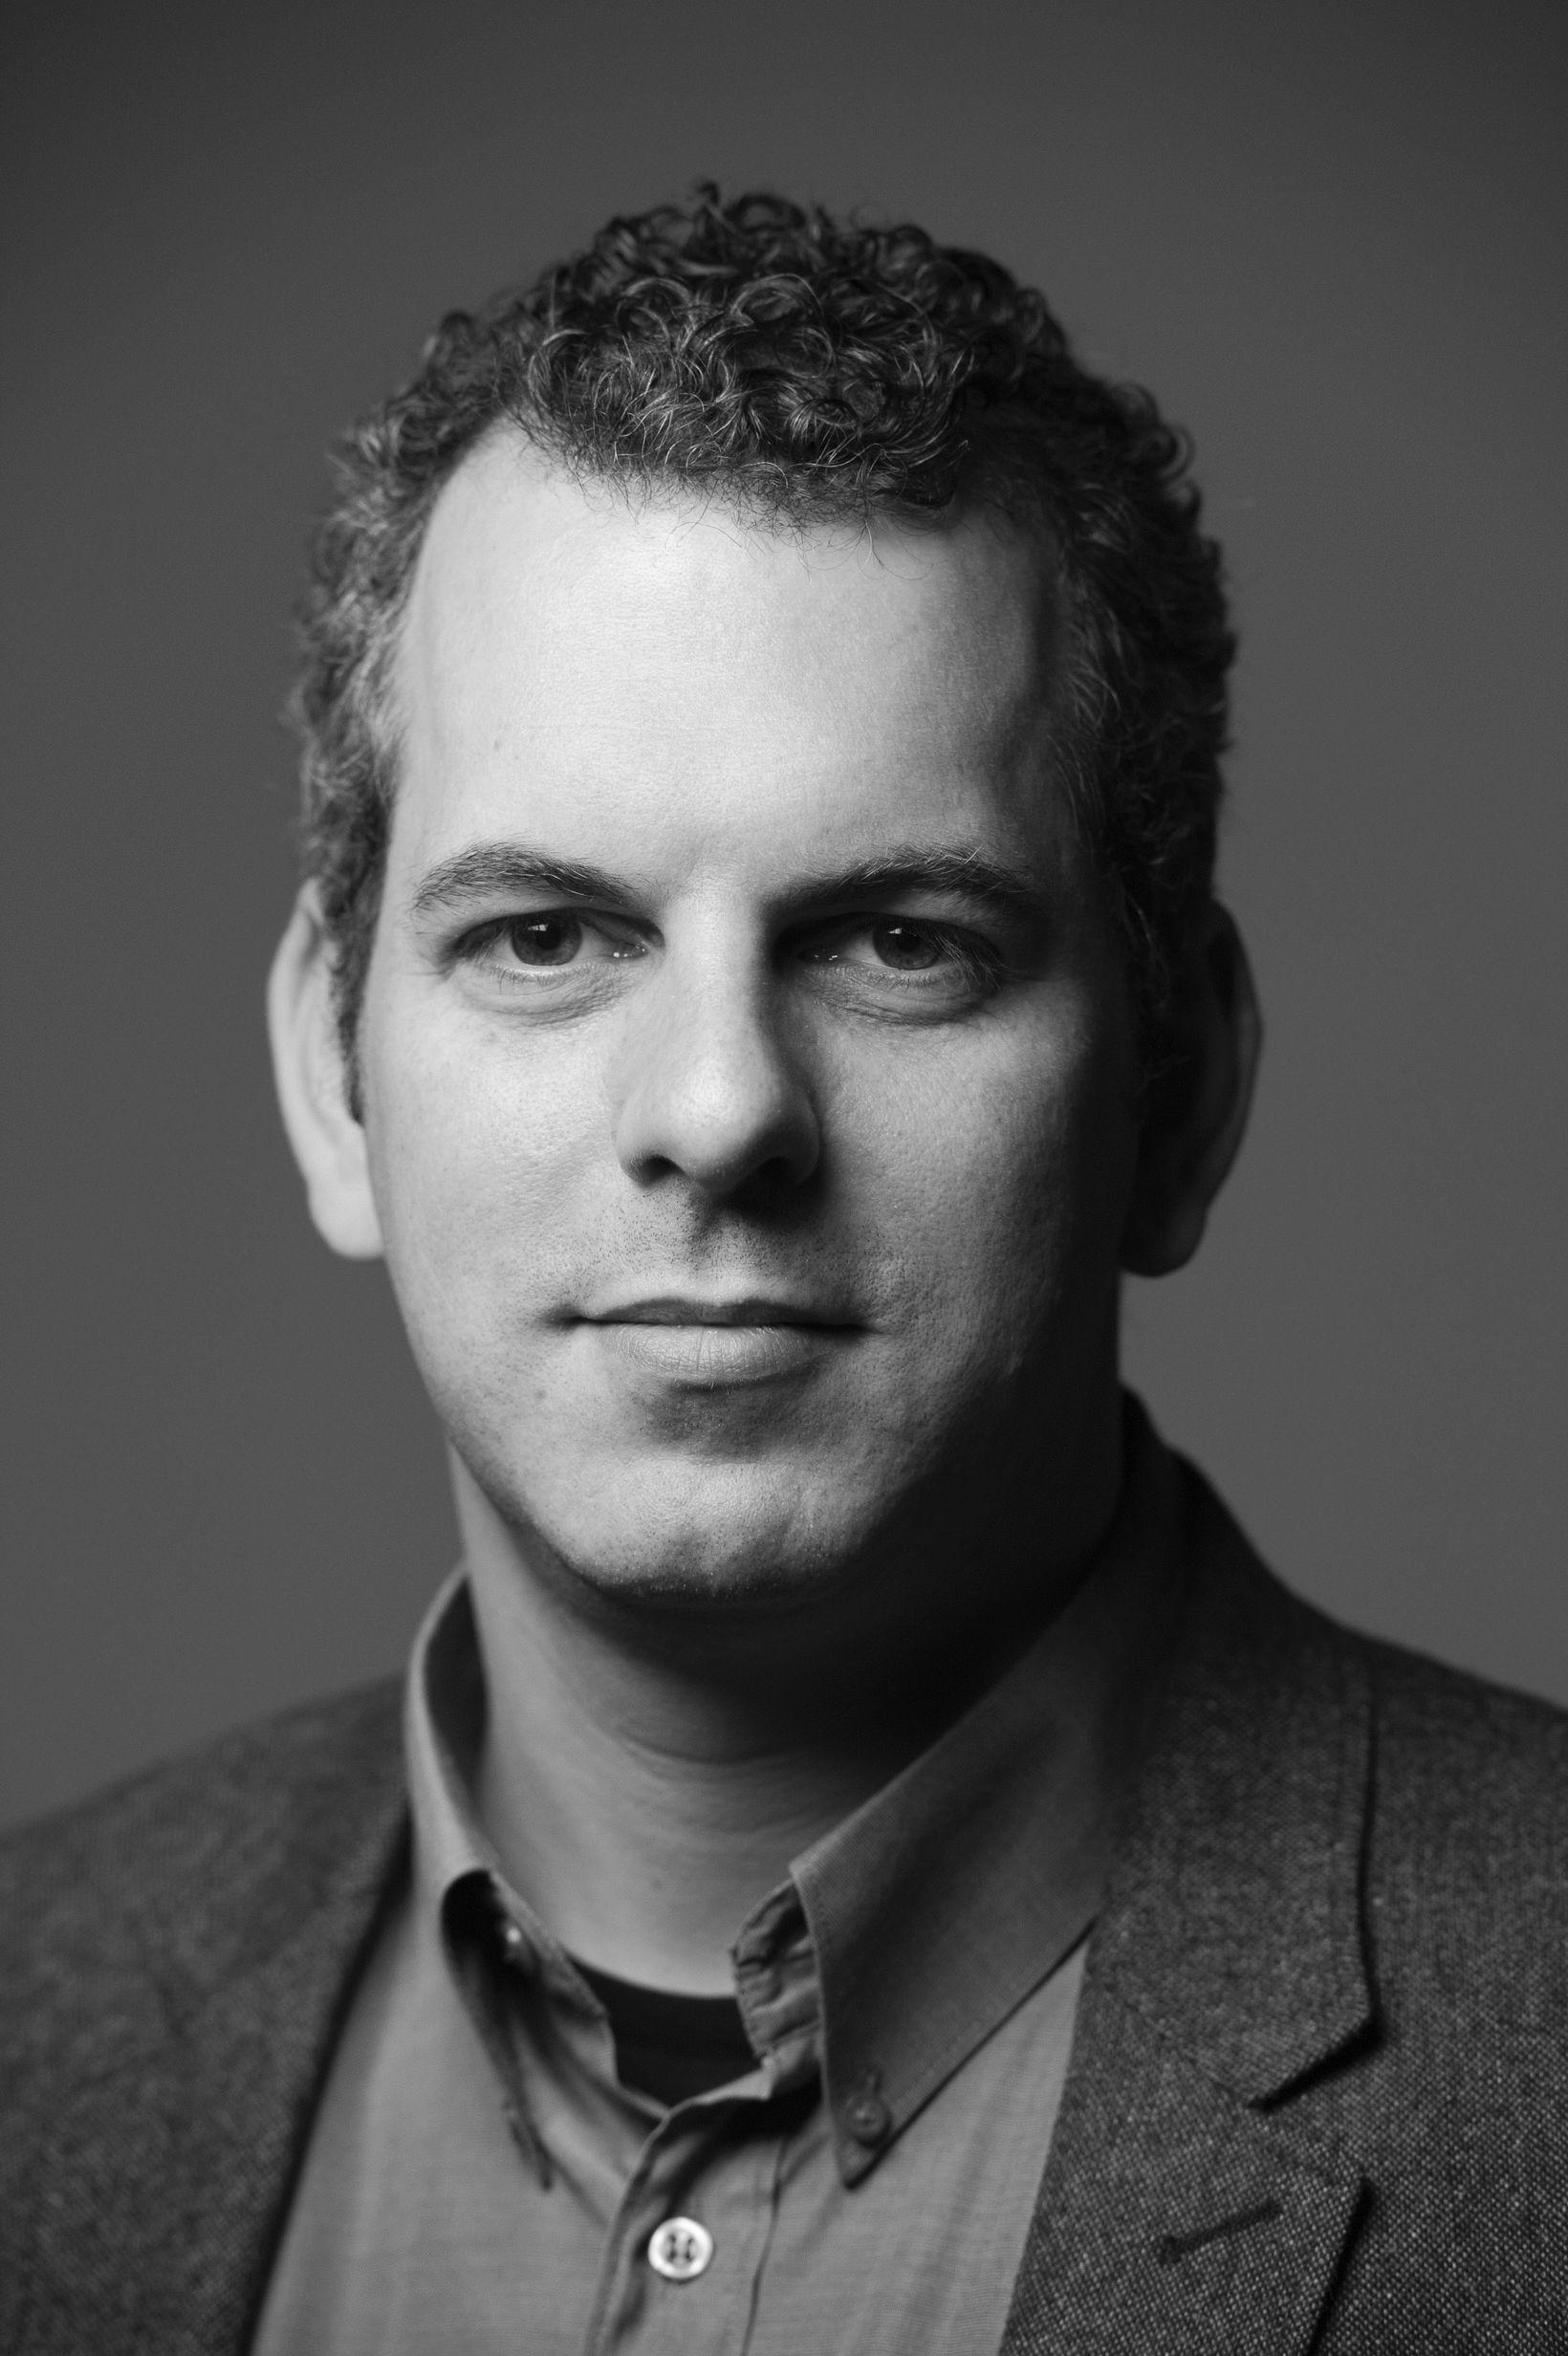 Marc-Andre Gagnon